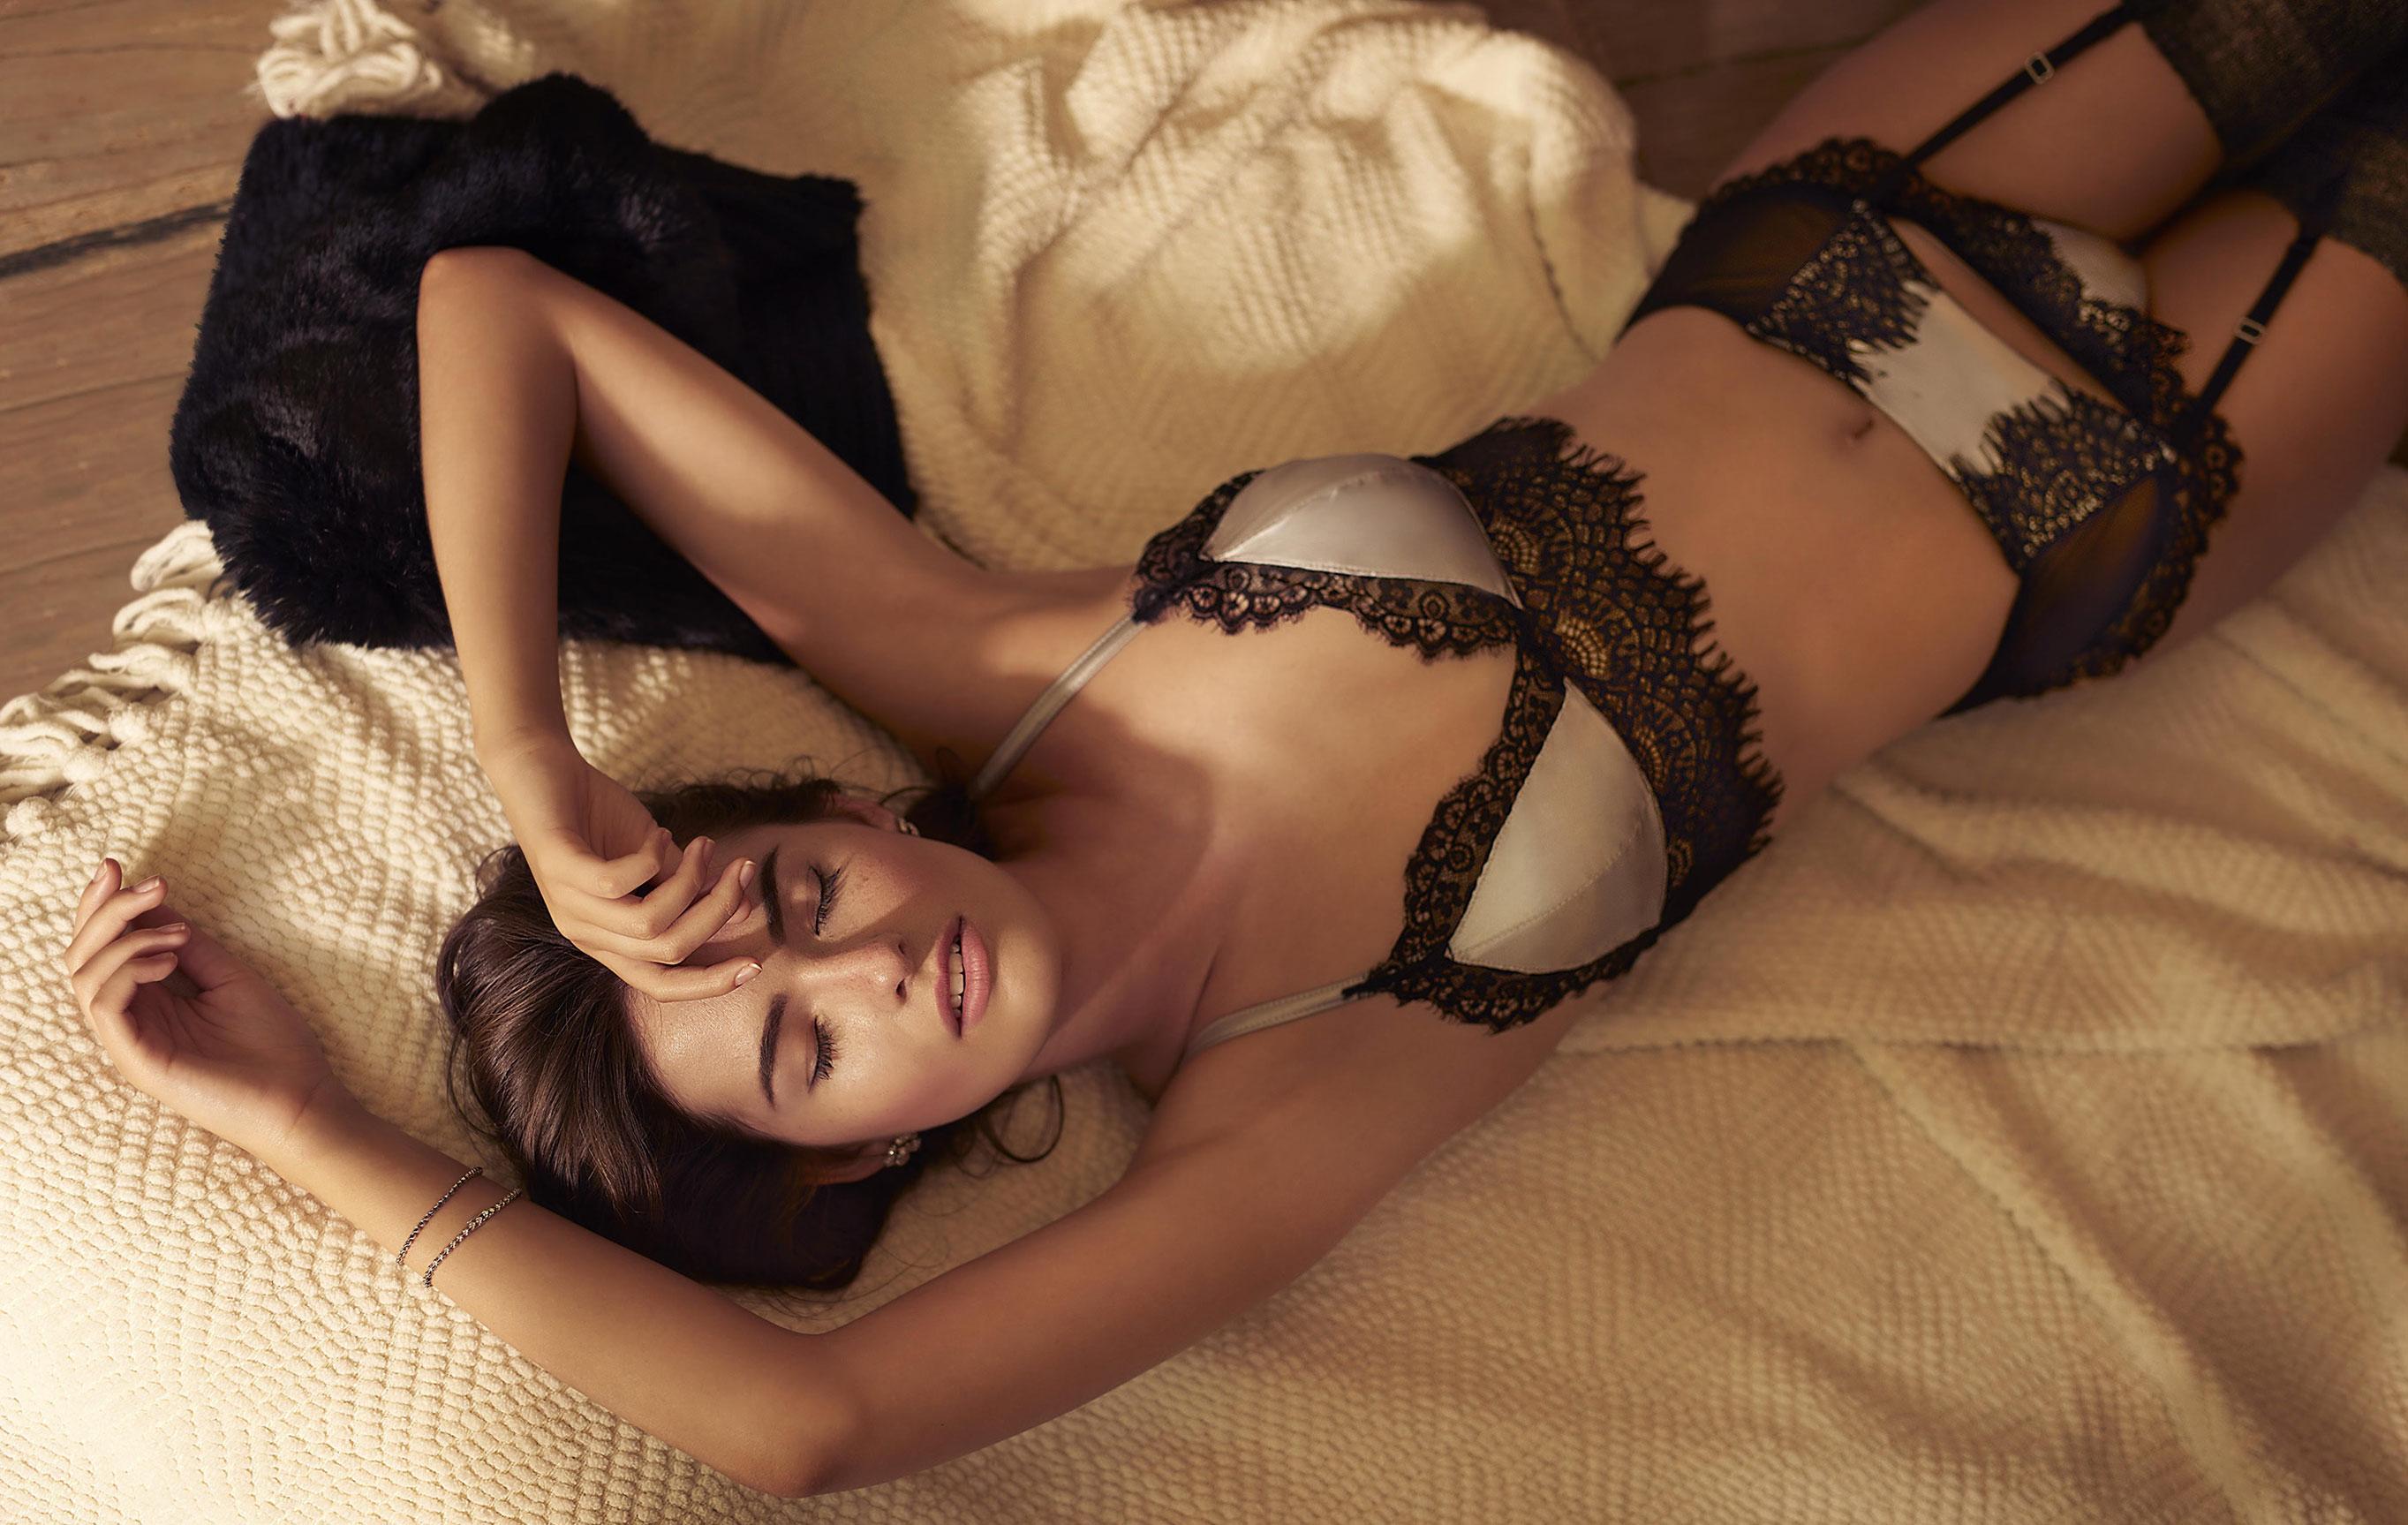 Бренда Фрейтас в нижнем белье и домашней одежде / фото 03